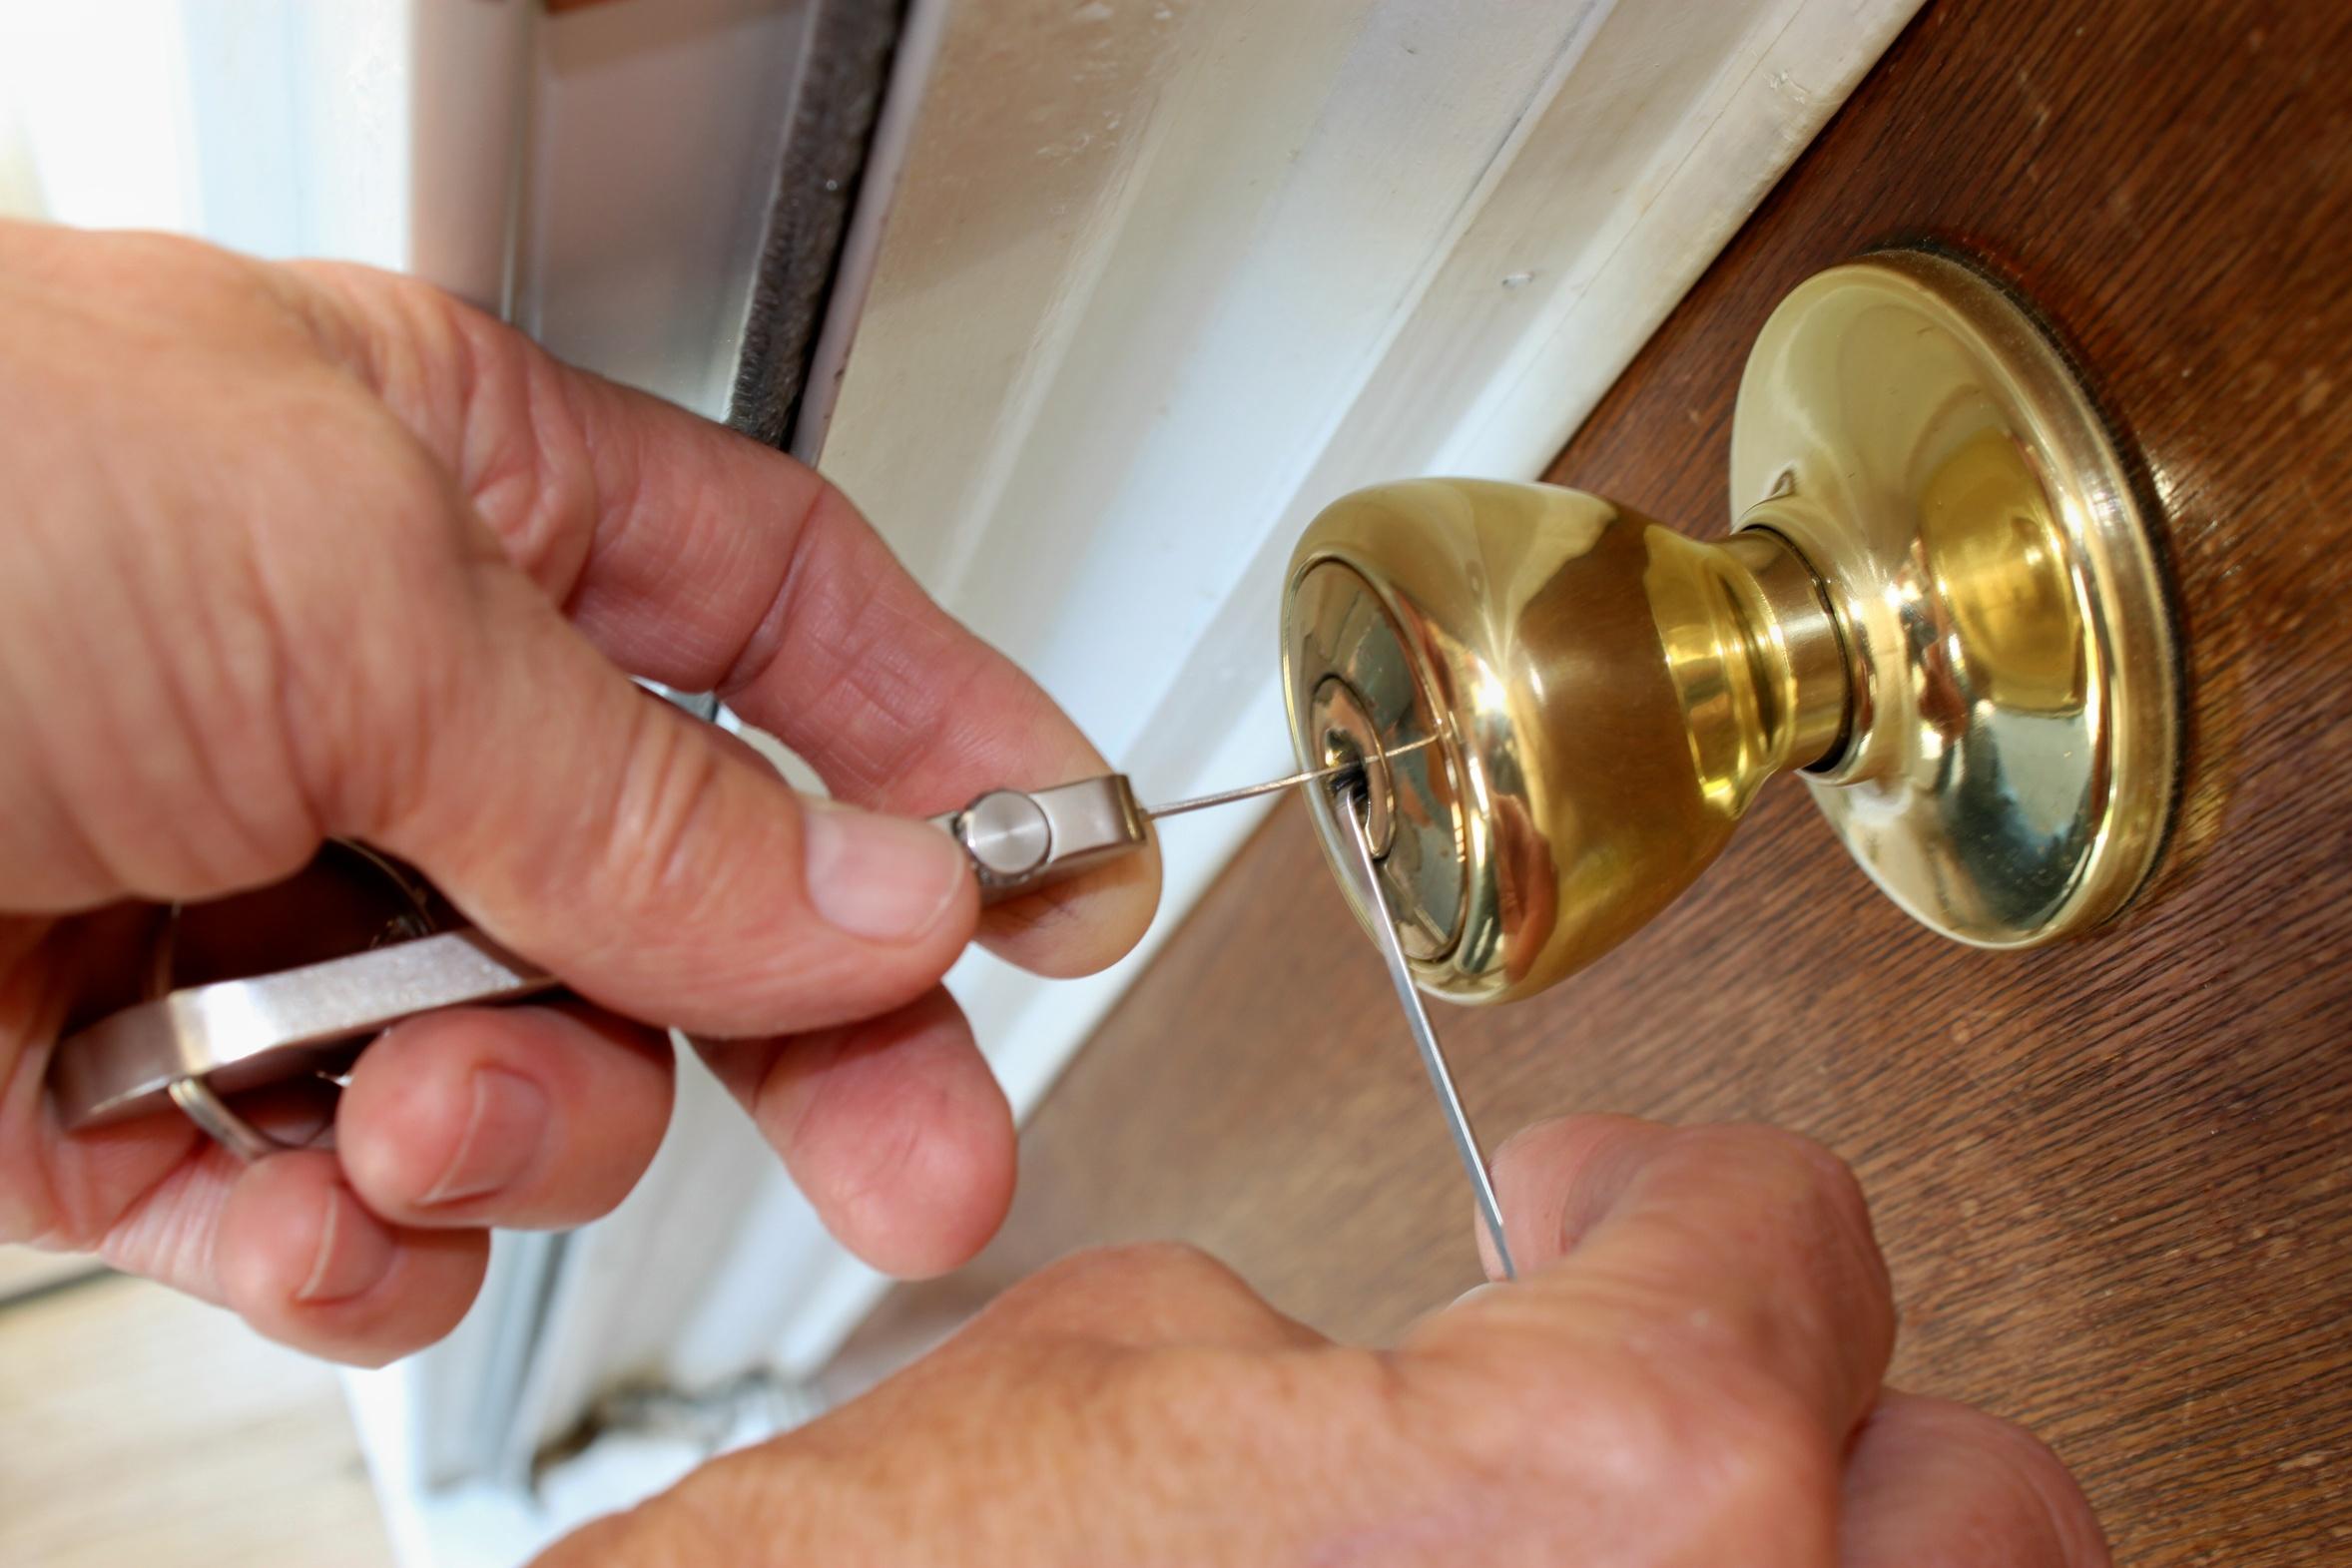 Zadbaj o bezpieczeństwo swego domu dzięki drzwiom antywłamaniowym